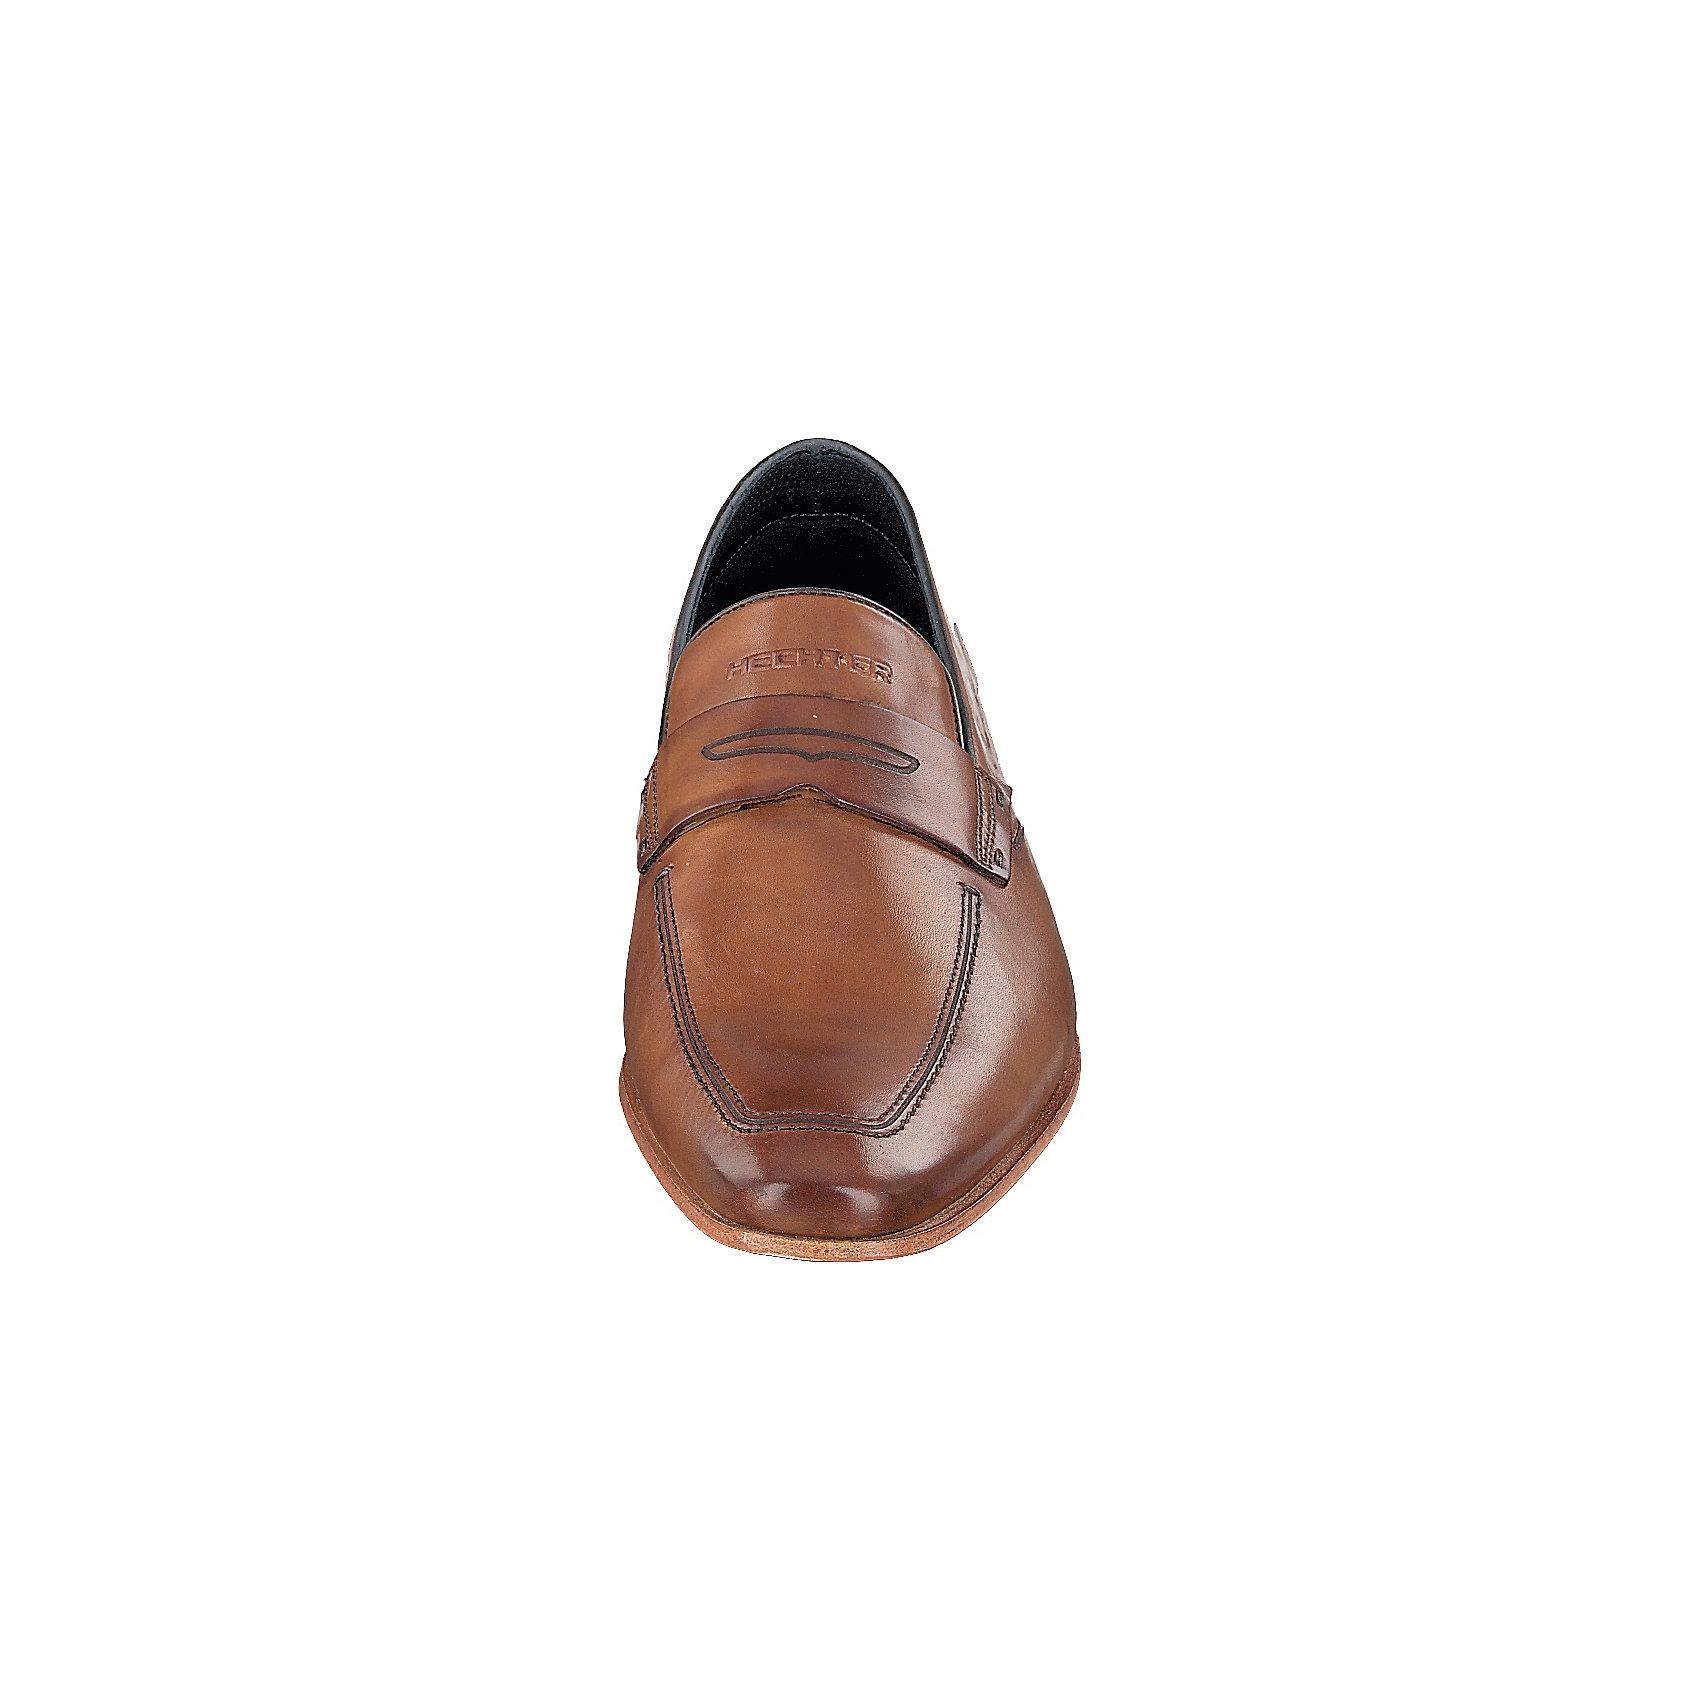 Neu cognac DANIEL HECHTER Business Schuhe cognac Neu 5767405 090ed7